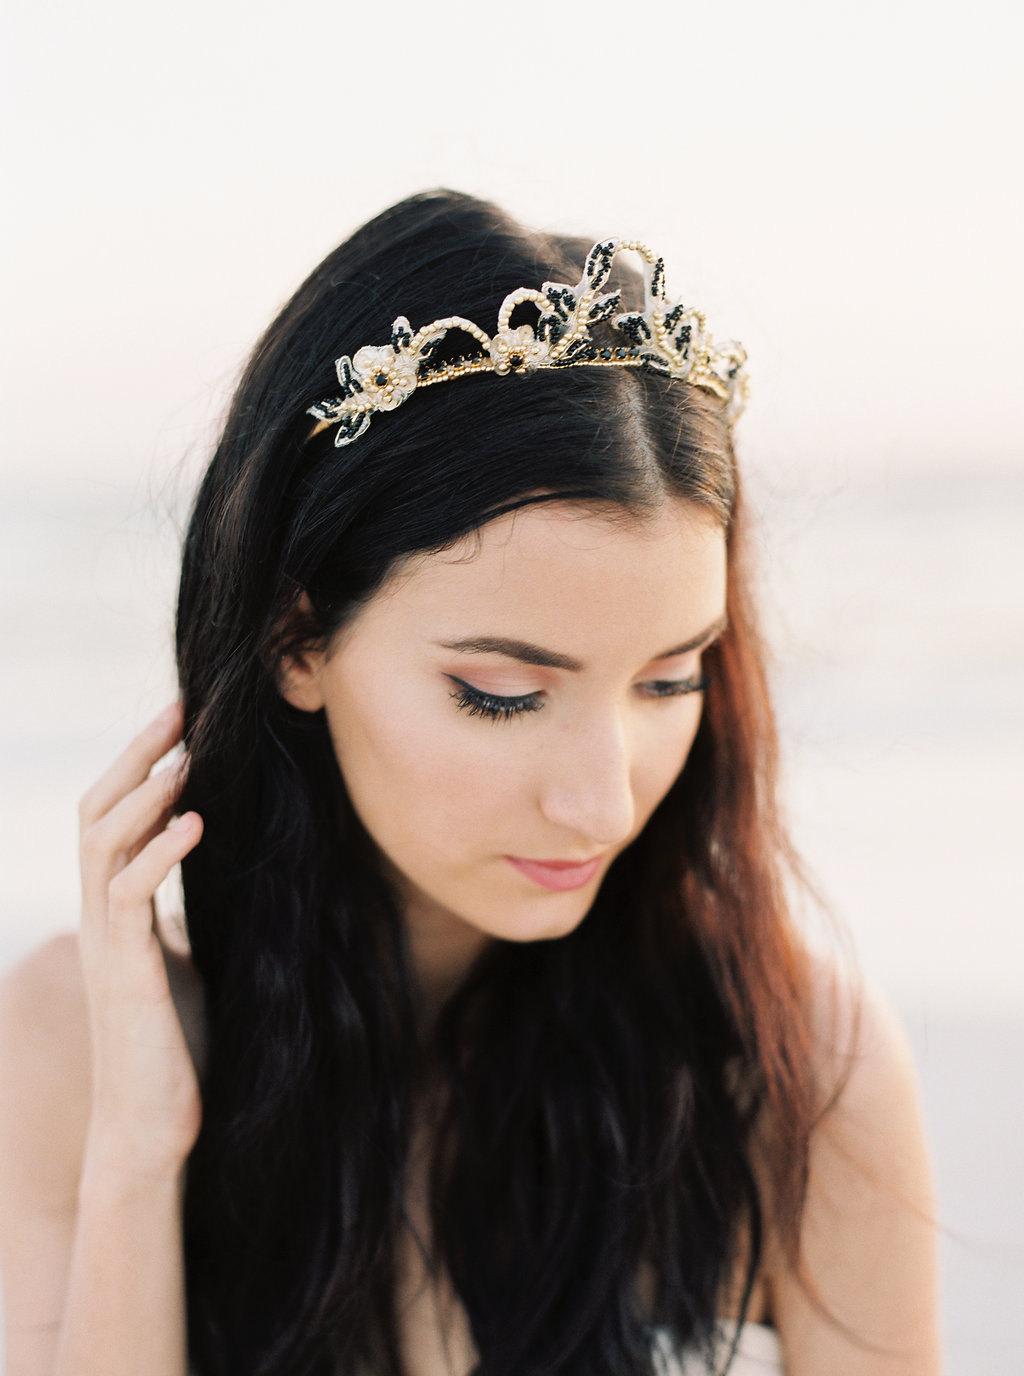 Freya Black Gold Bridal Tiara